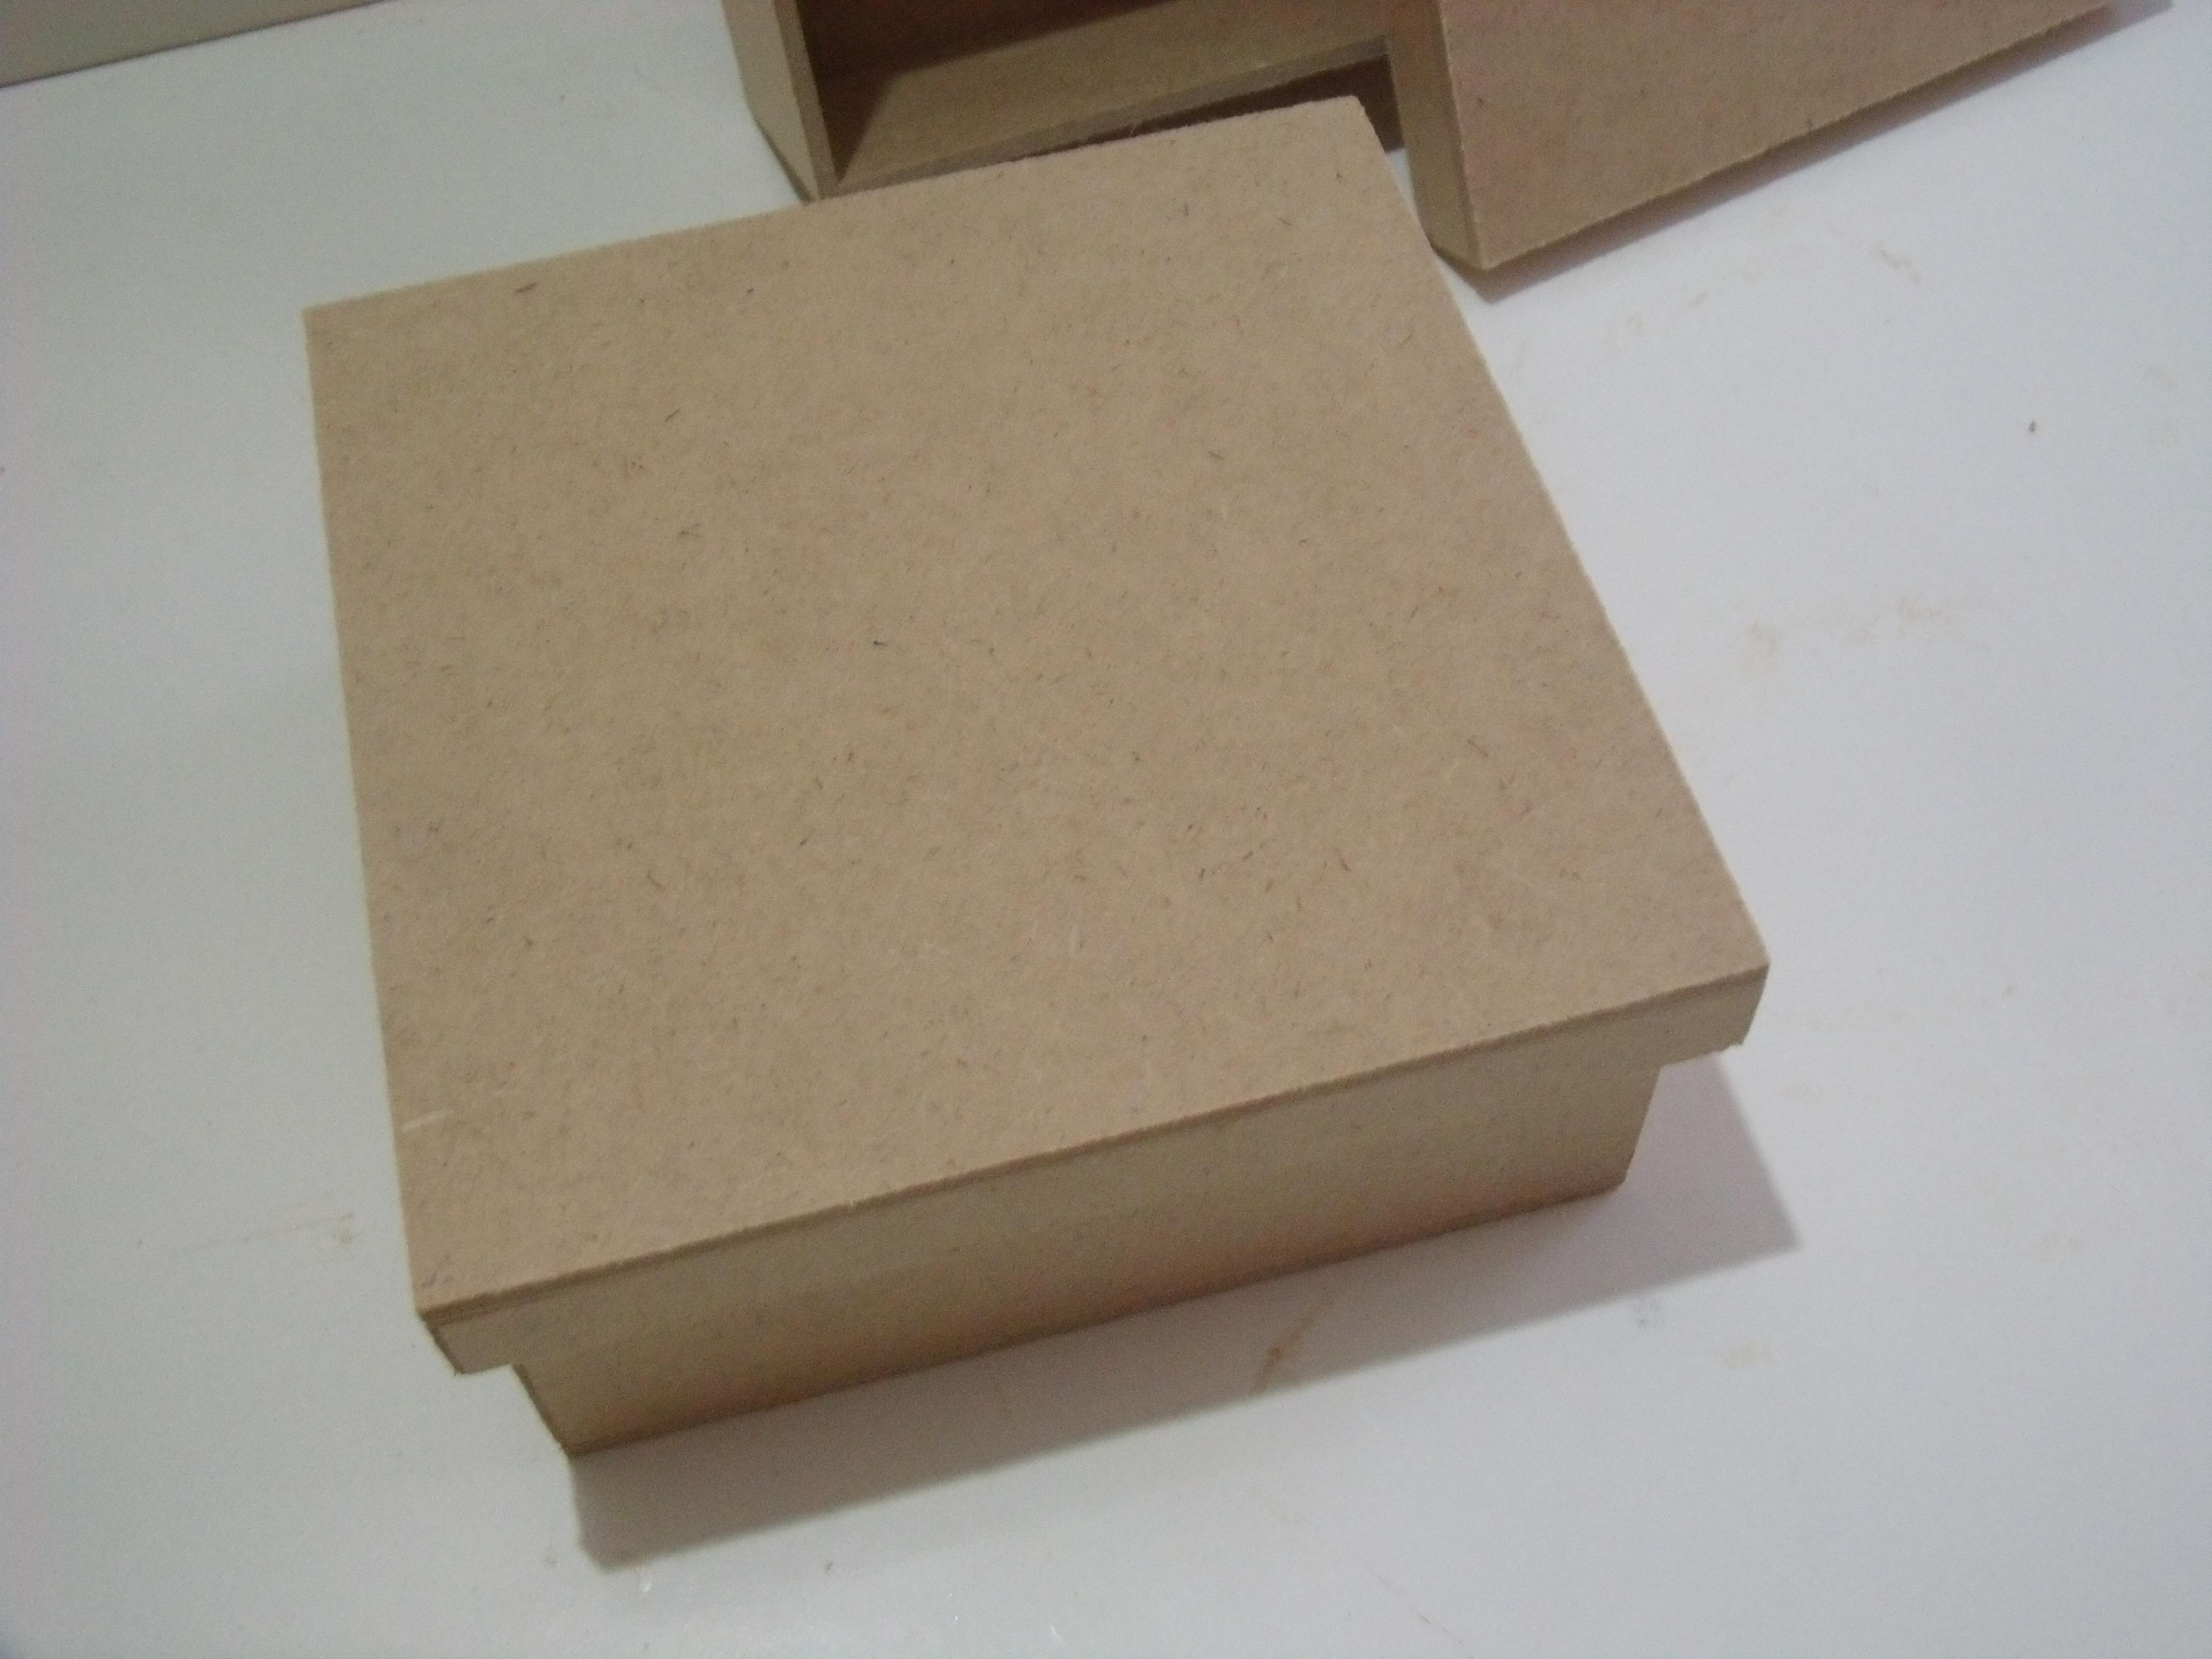 caixas em mdf cru caixas lembrancinhas caixas em mdf cru embalagens  #3D291C 4320x3240